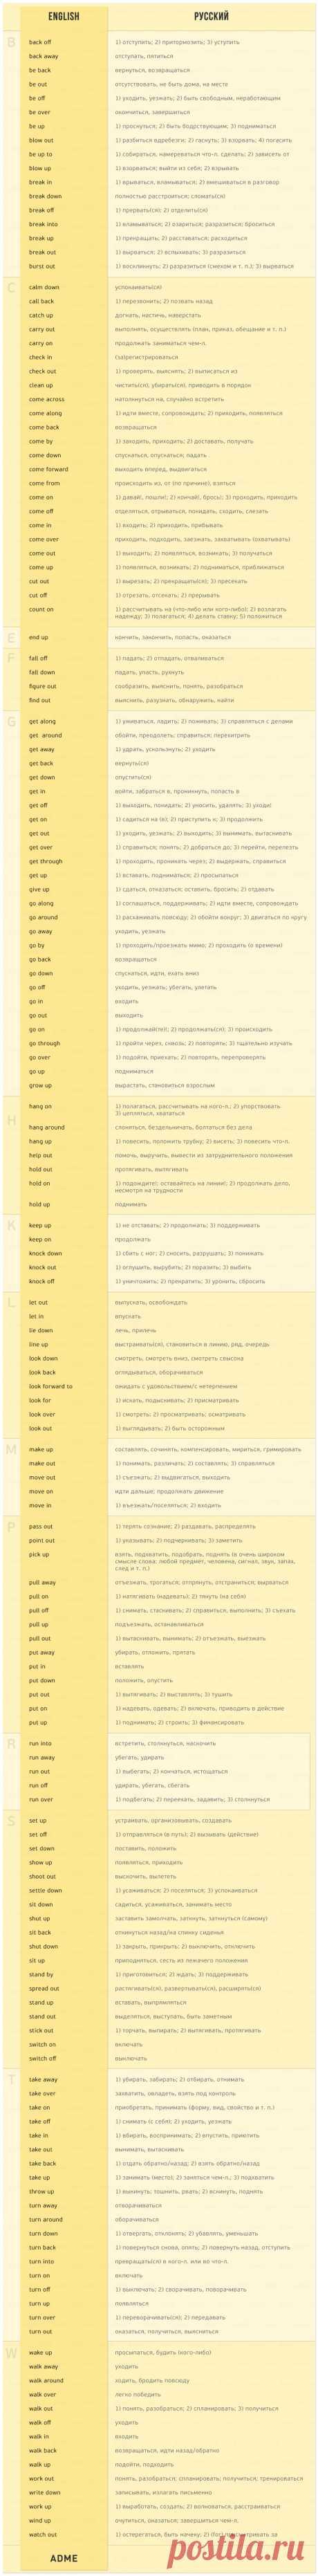 170 verbos ingleses, que servirán en cualquier conversación